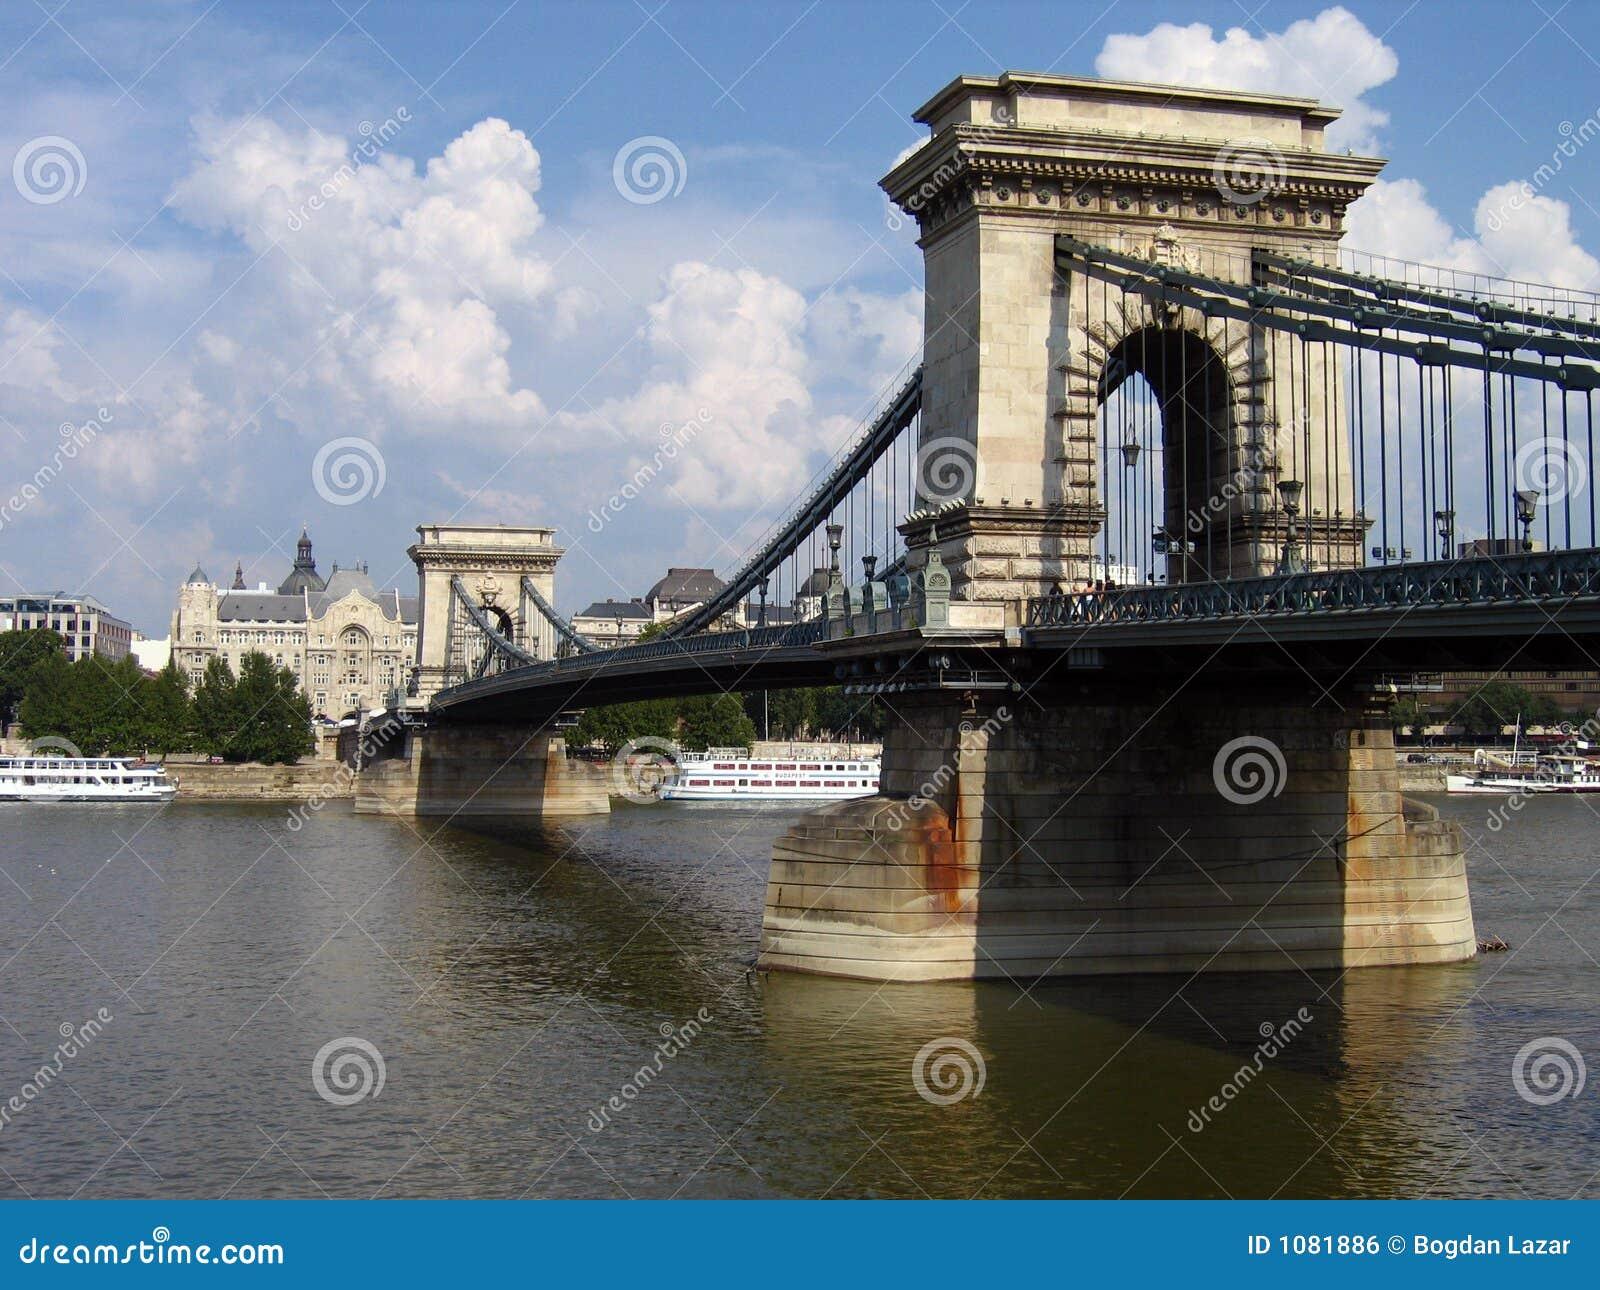 Chain Bridge of Budapest, Hungary